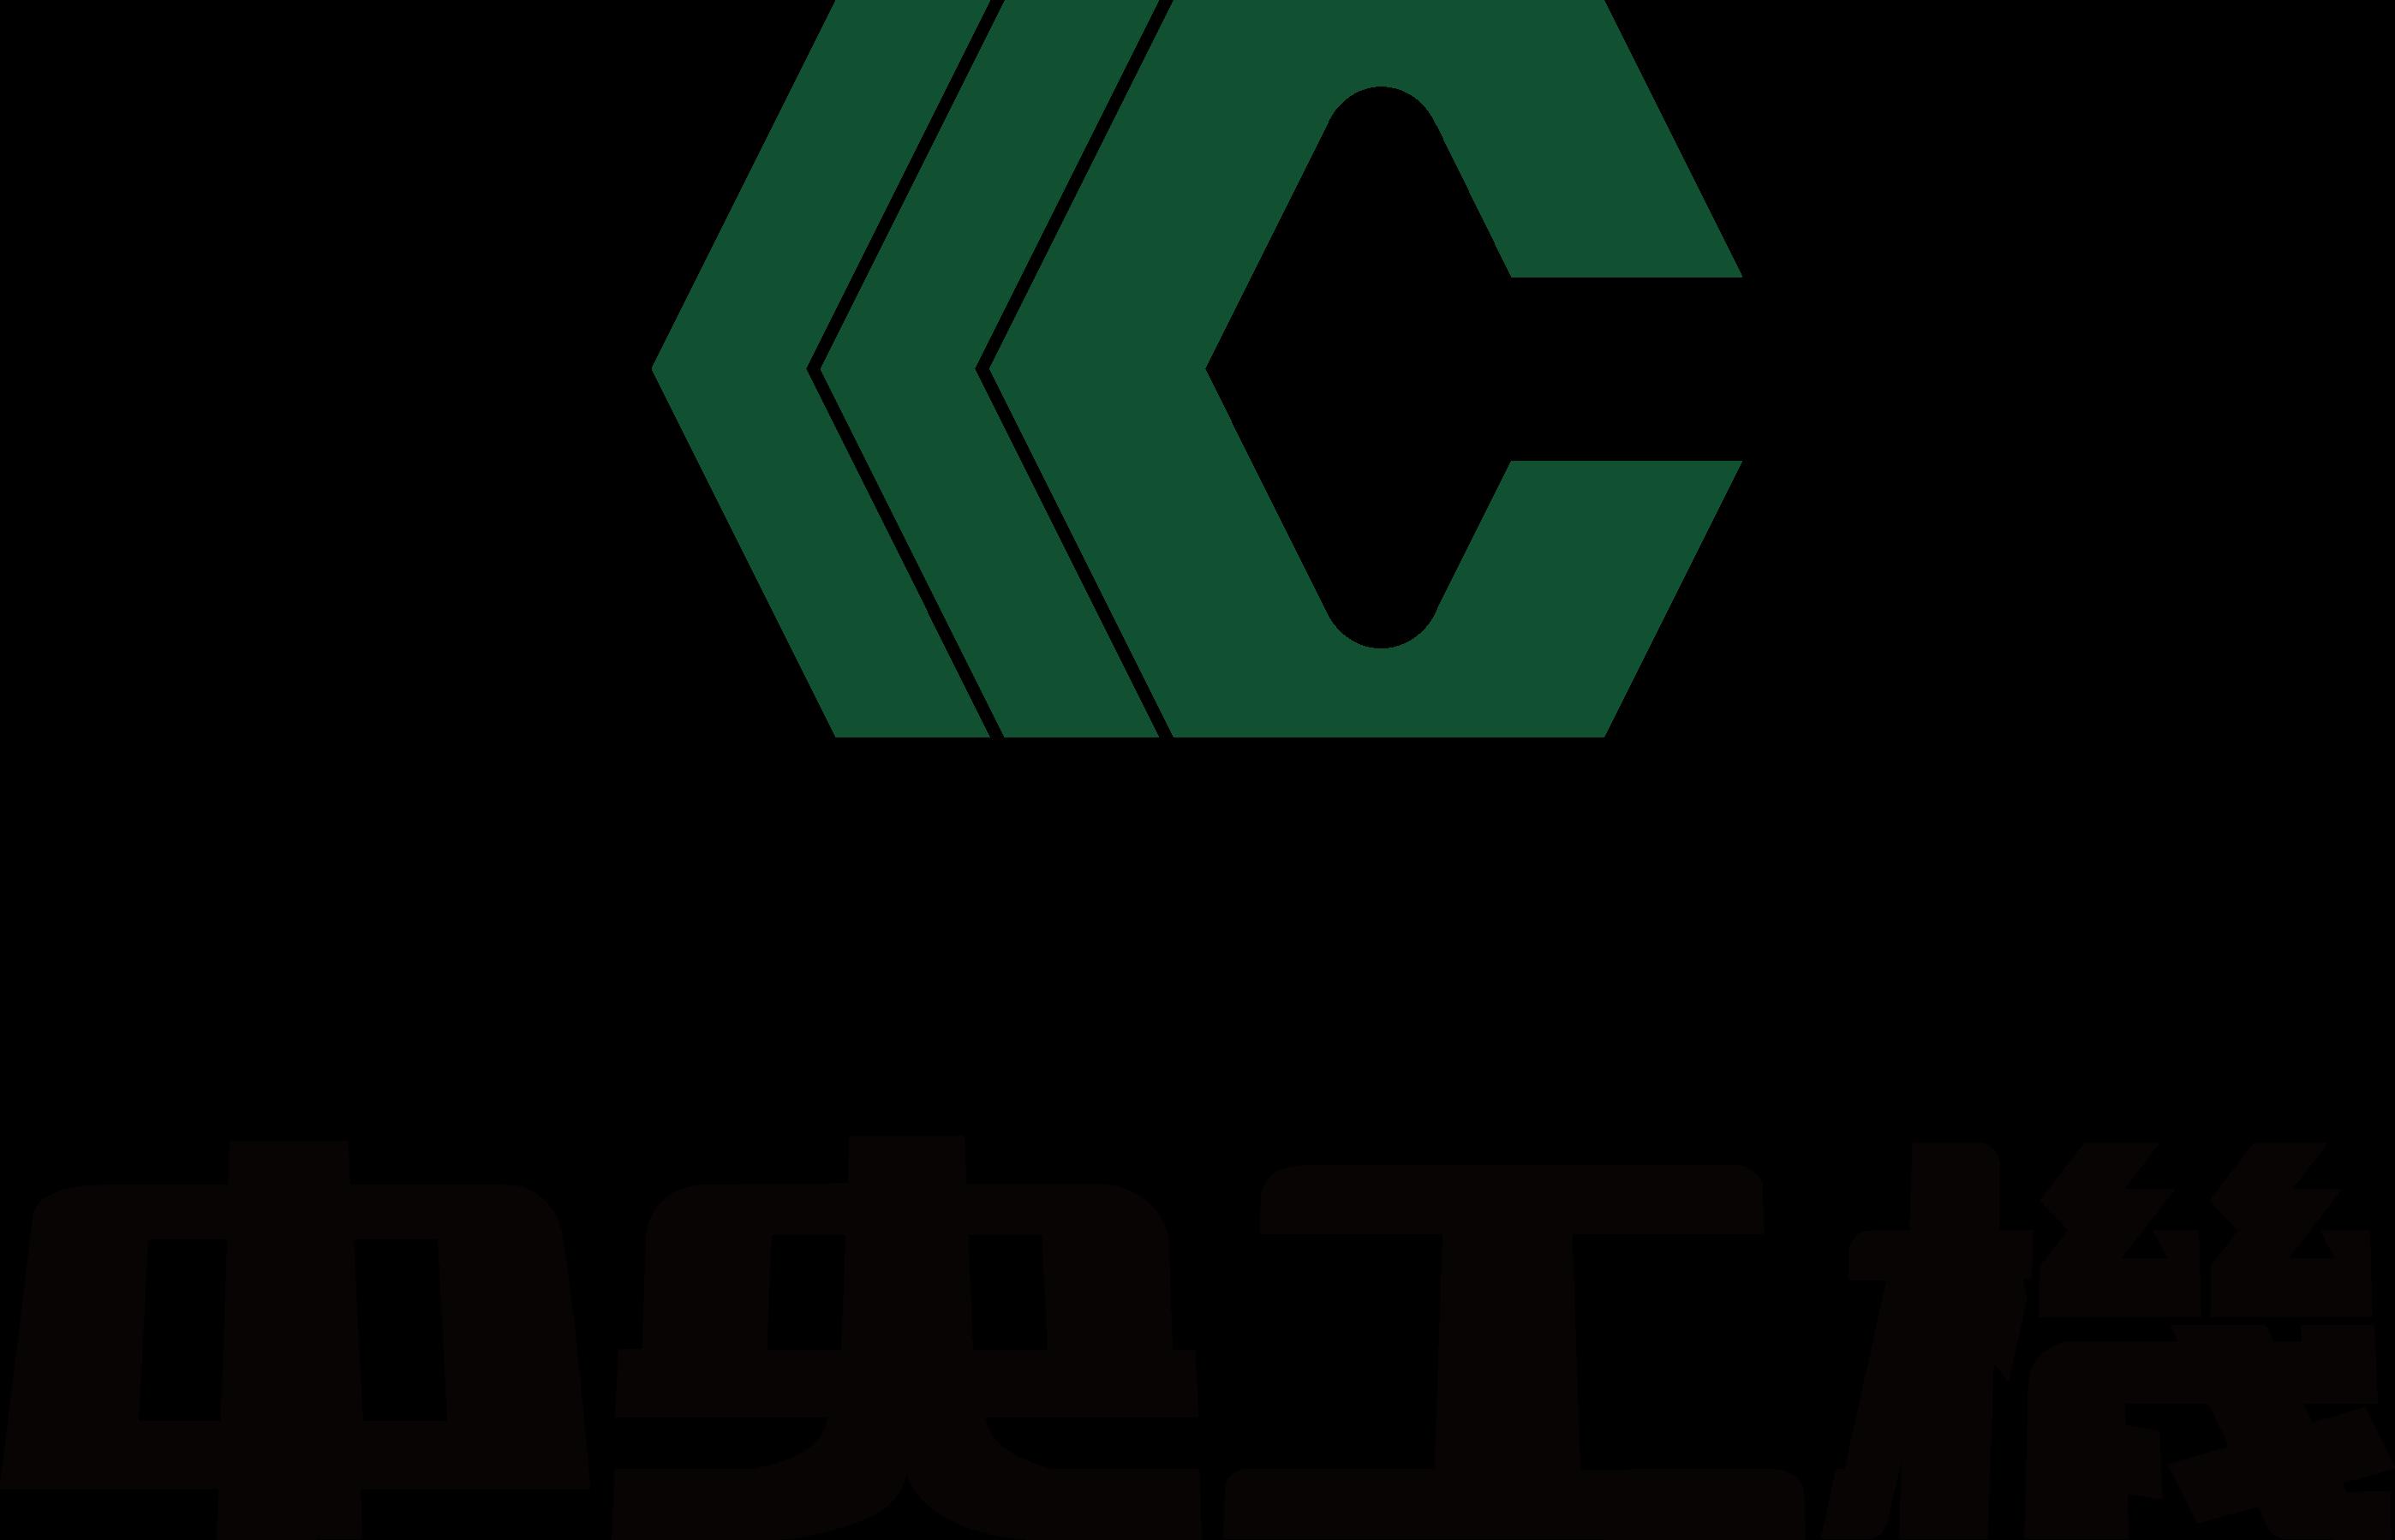 会社 テック 中央 スマート 株式